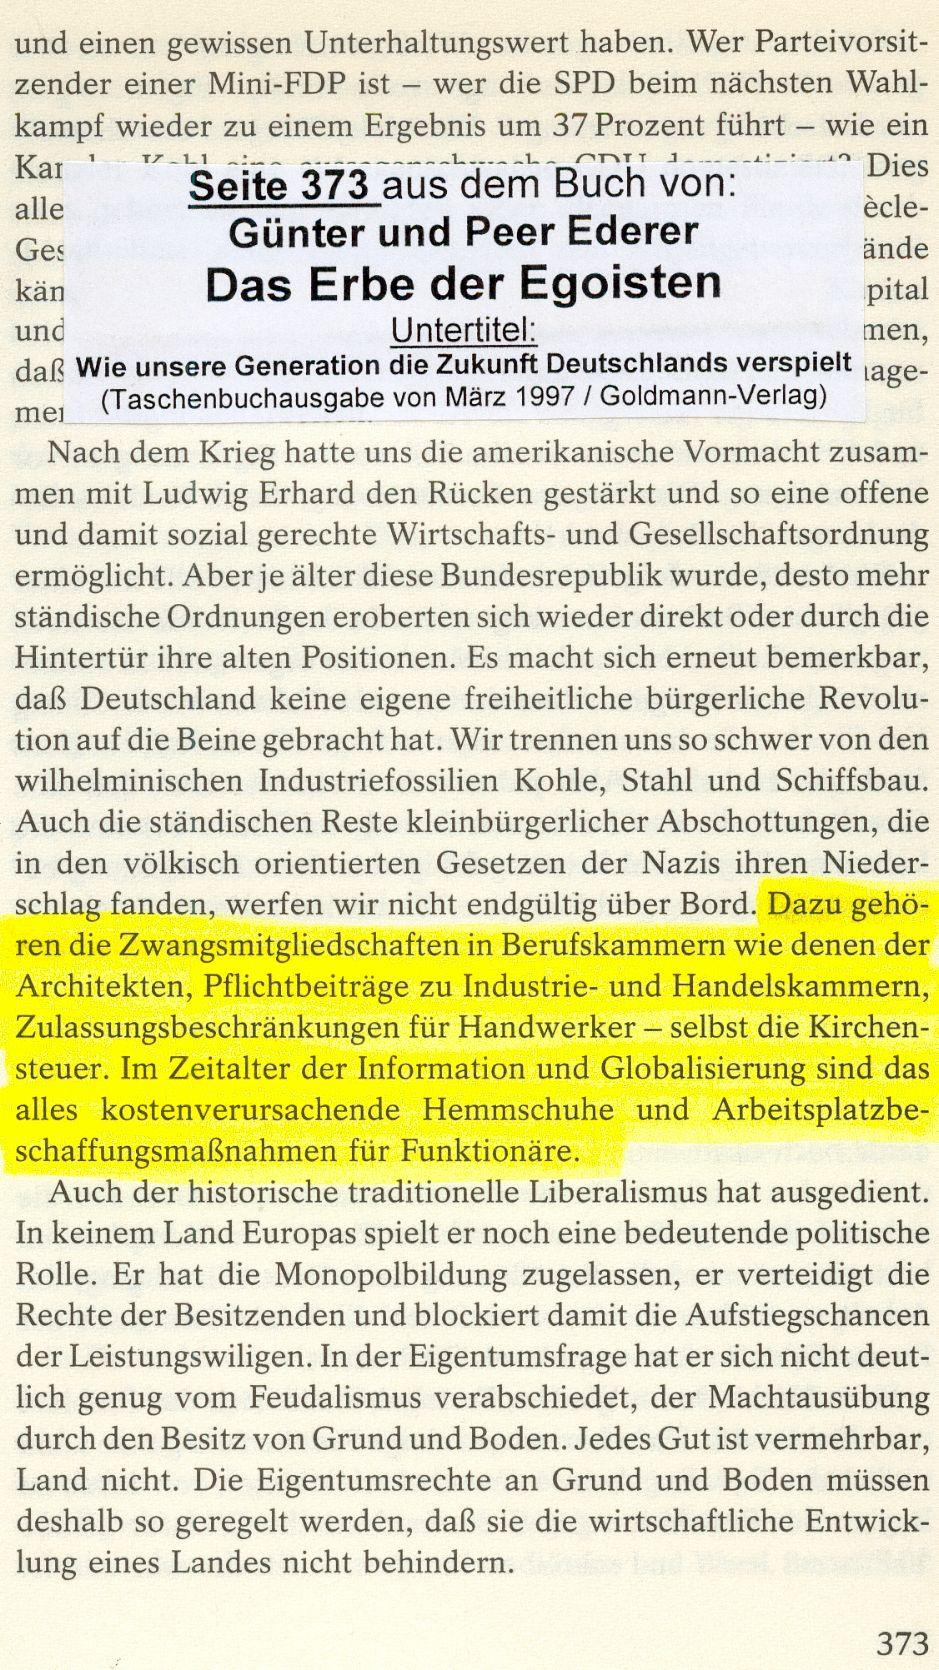 Das Erbe der Egoisten.jpg